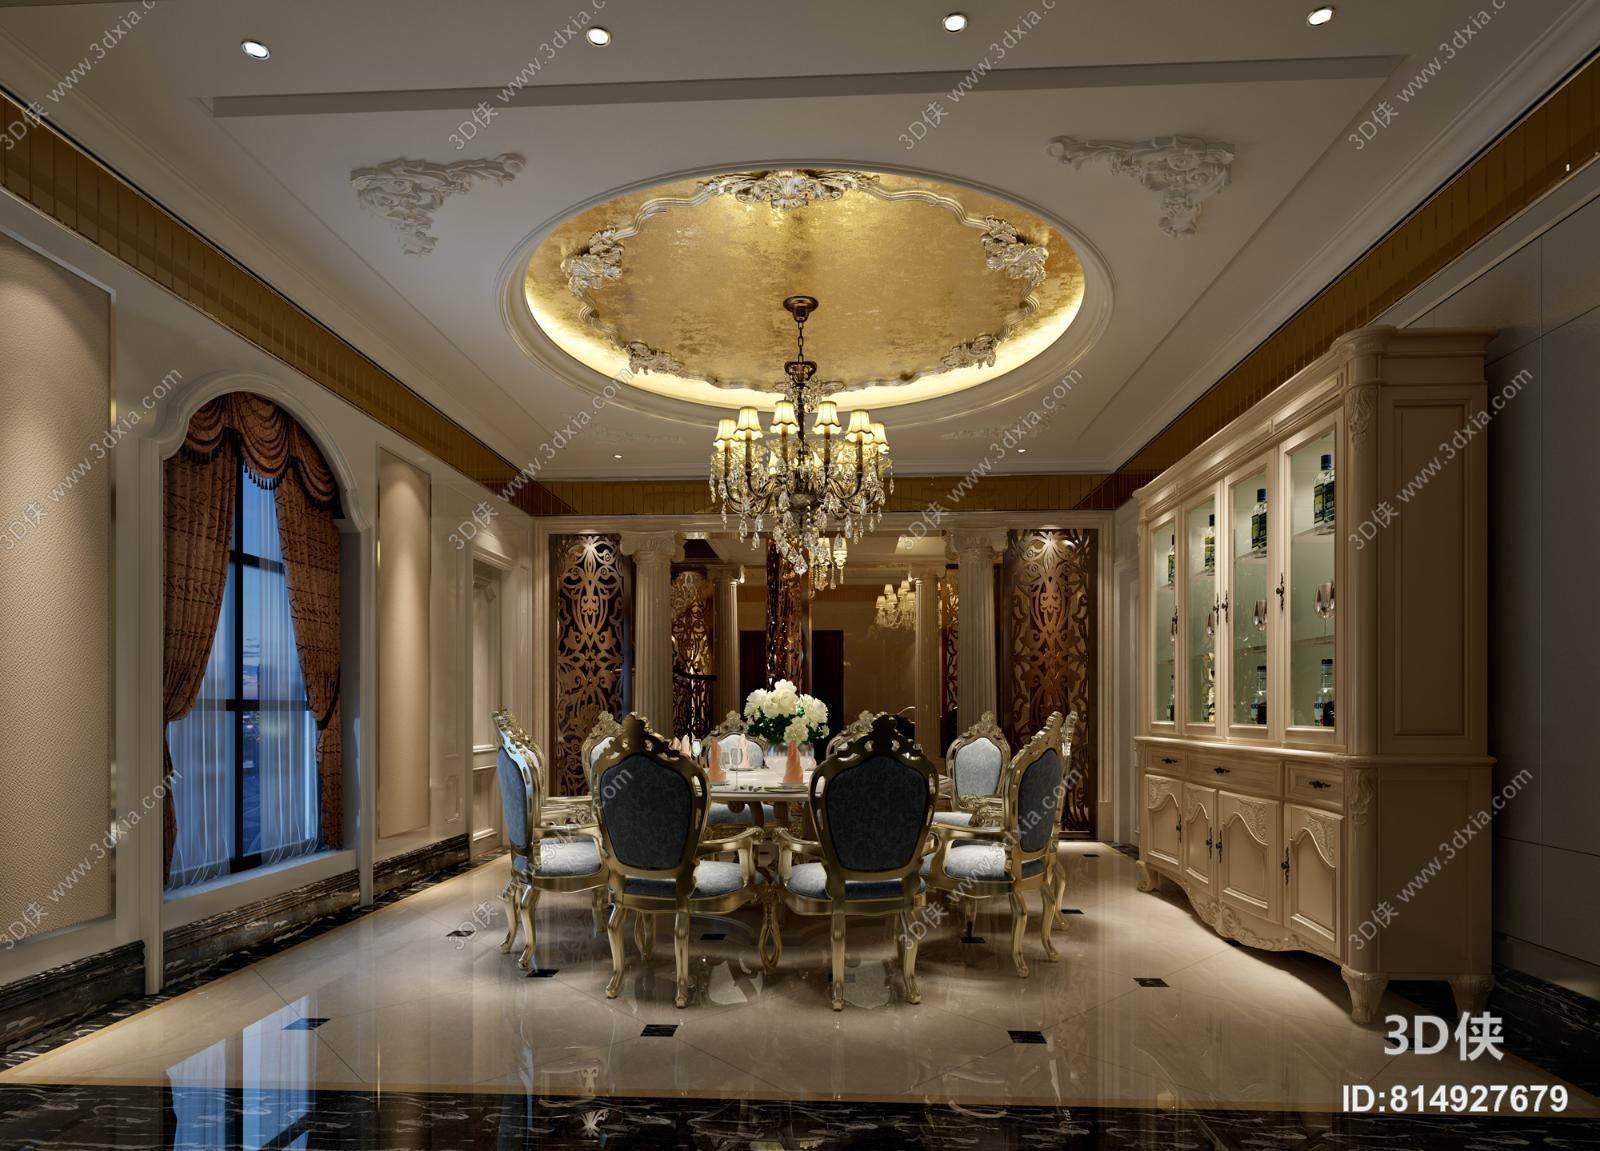 欧式古典别墅餐厅 经典欧式金色水晶吊灯 欧式古典蓝色木艺餐桌椅组合